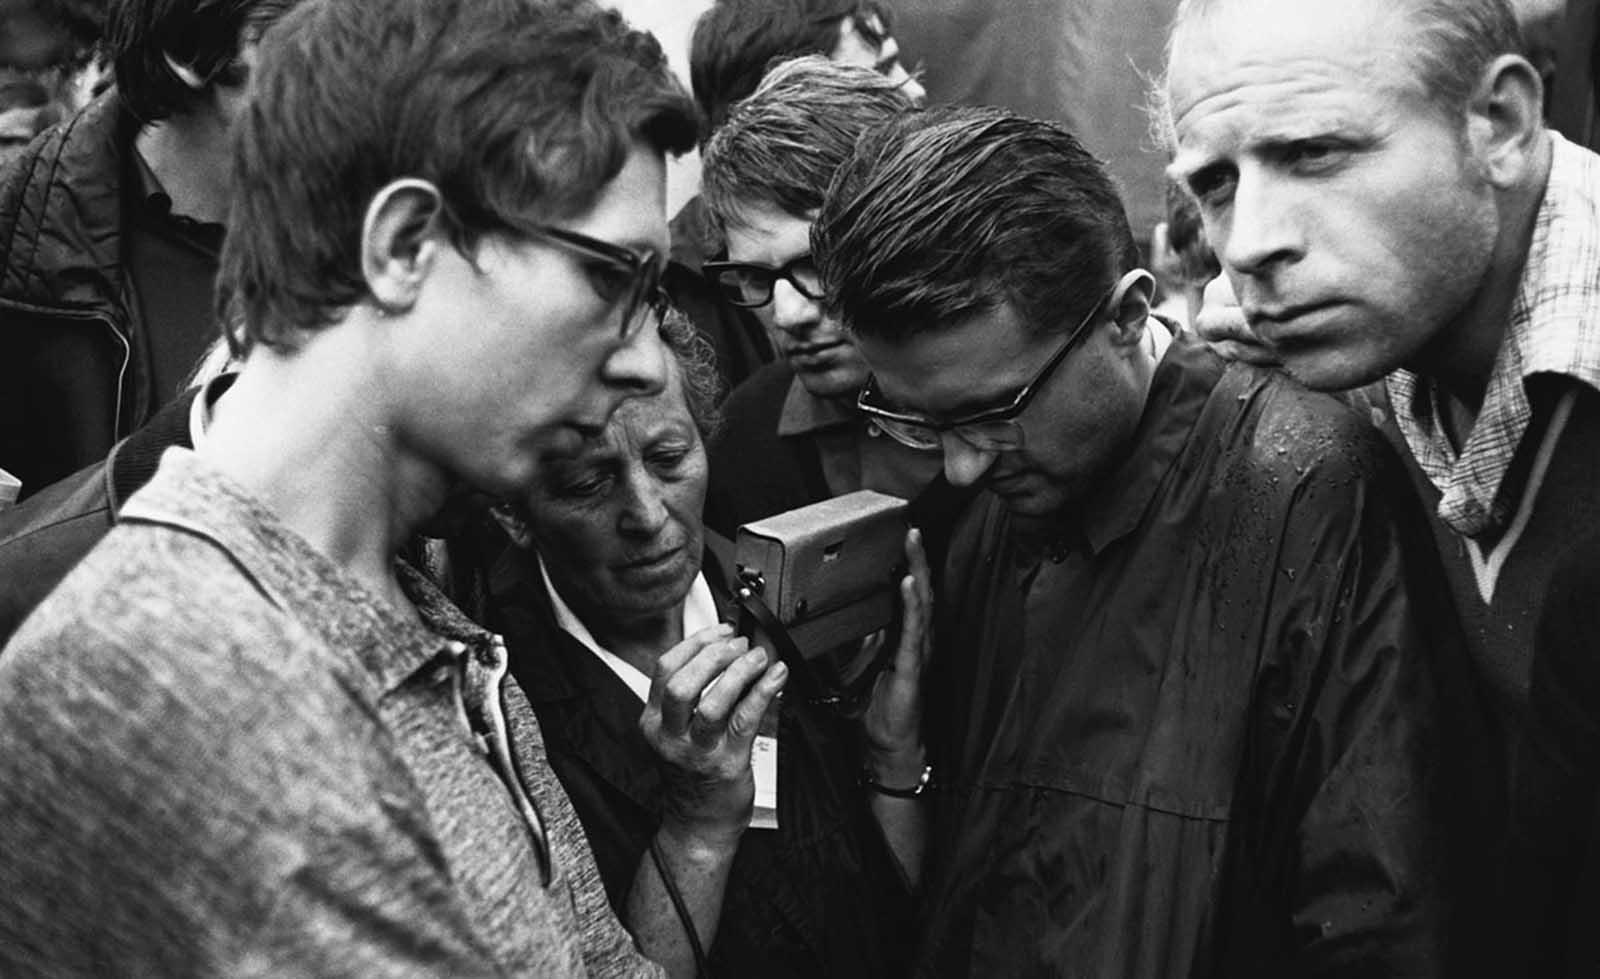 Los checoslovacos se reúnen para escuchar una radio de transistores en busca de noticias de la invasión y ocupación soviética el 29 de agosto de 1968.